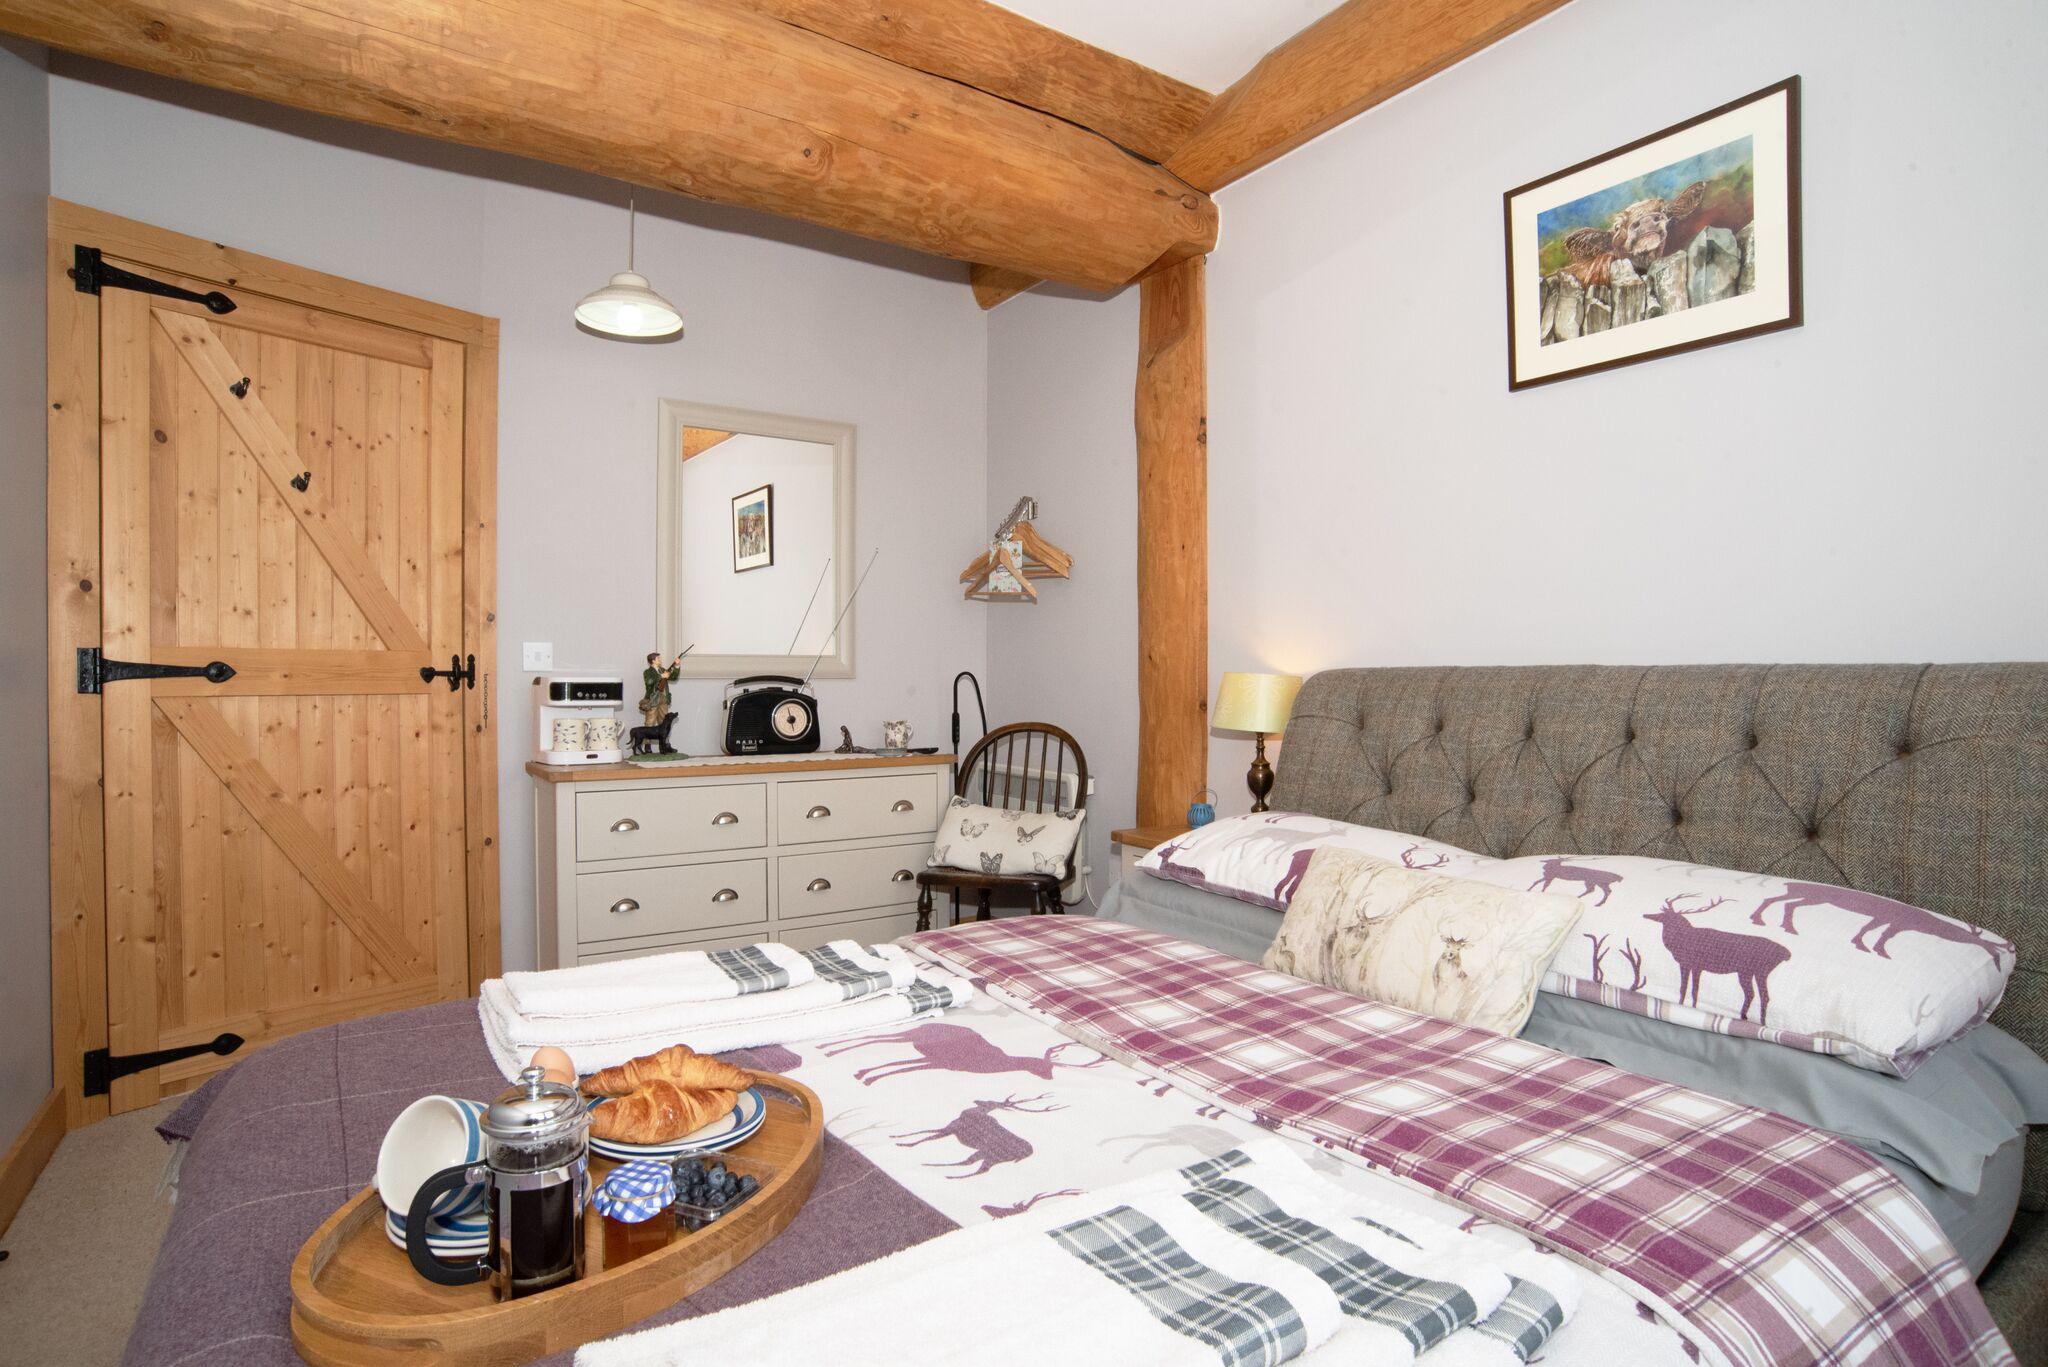 MAster Bedroom with breakfast